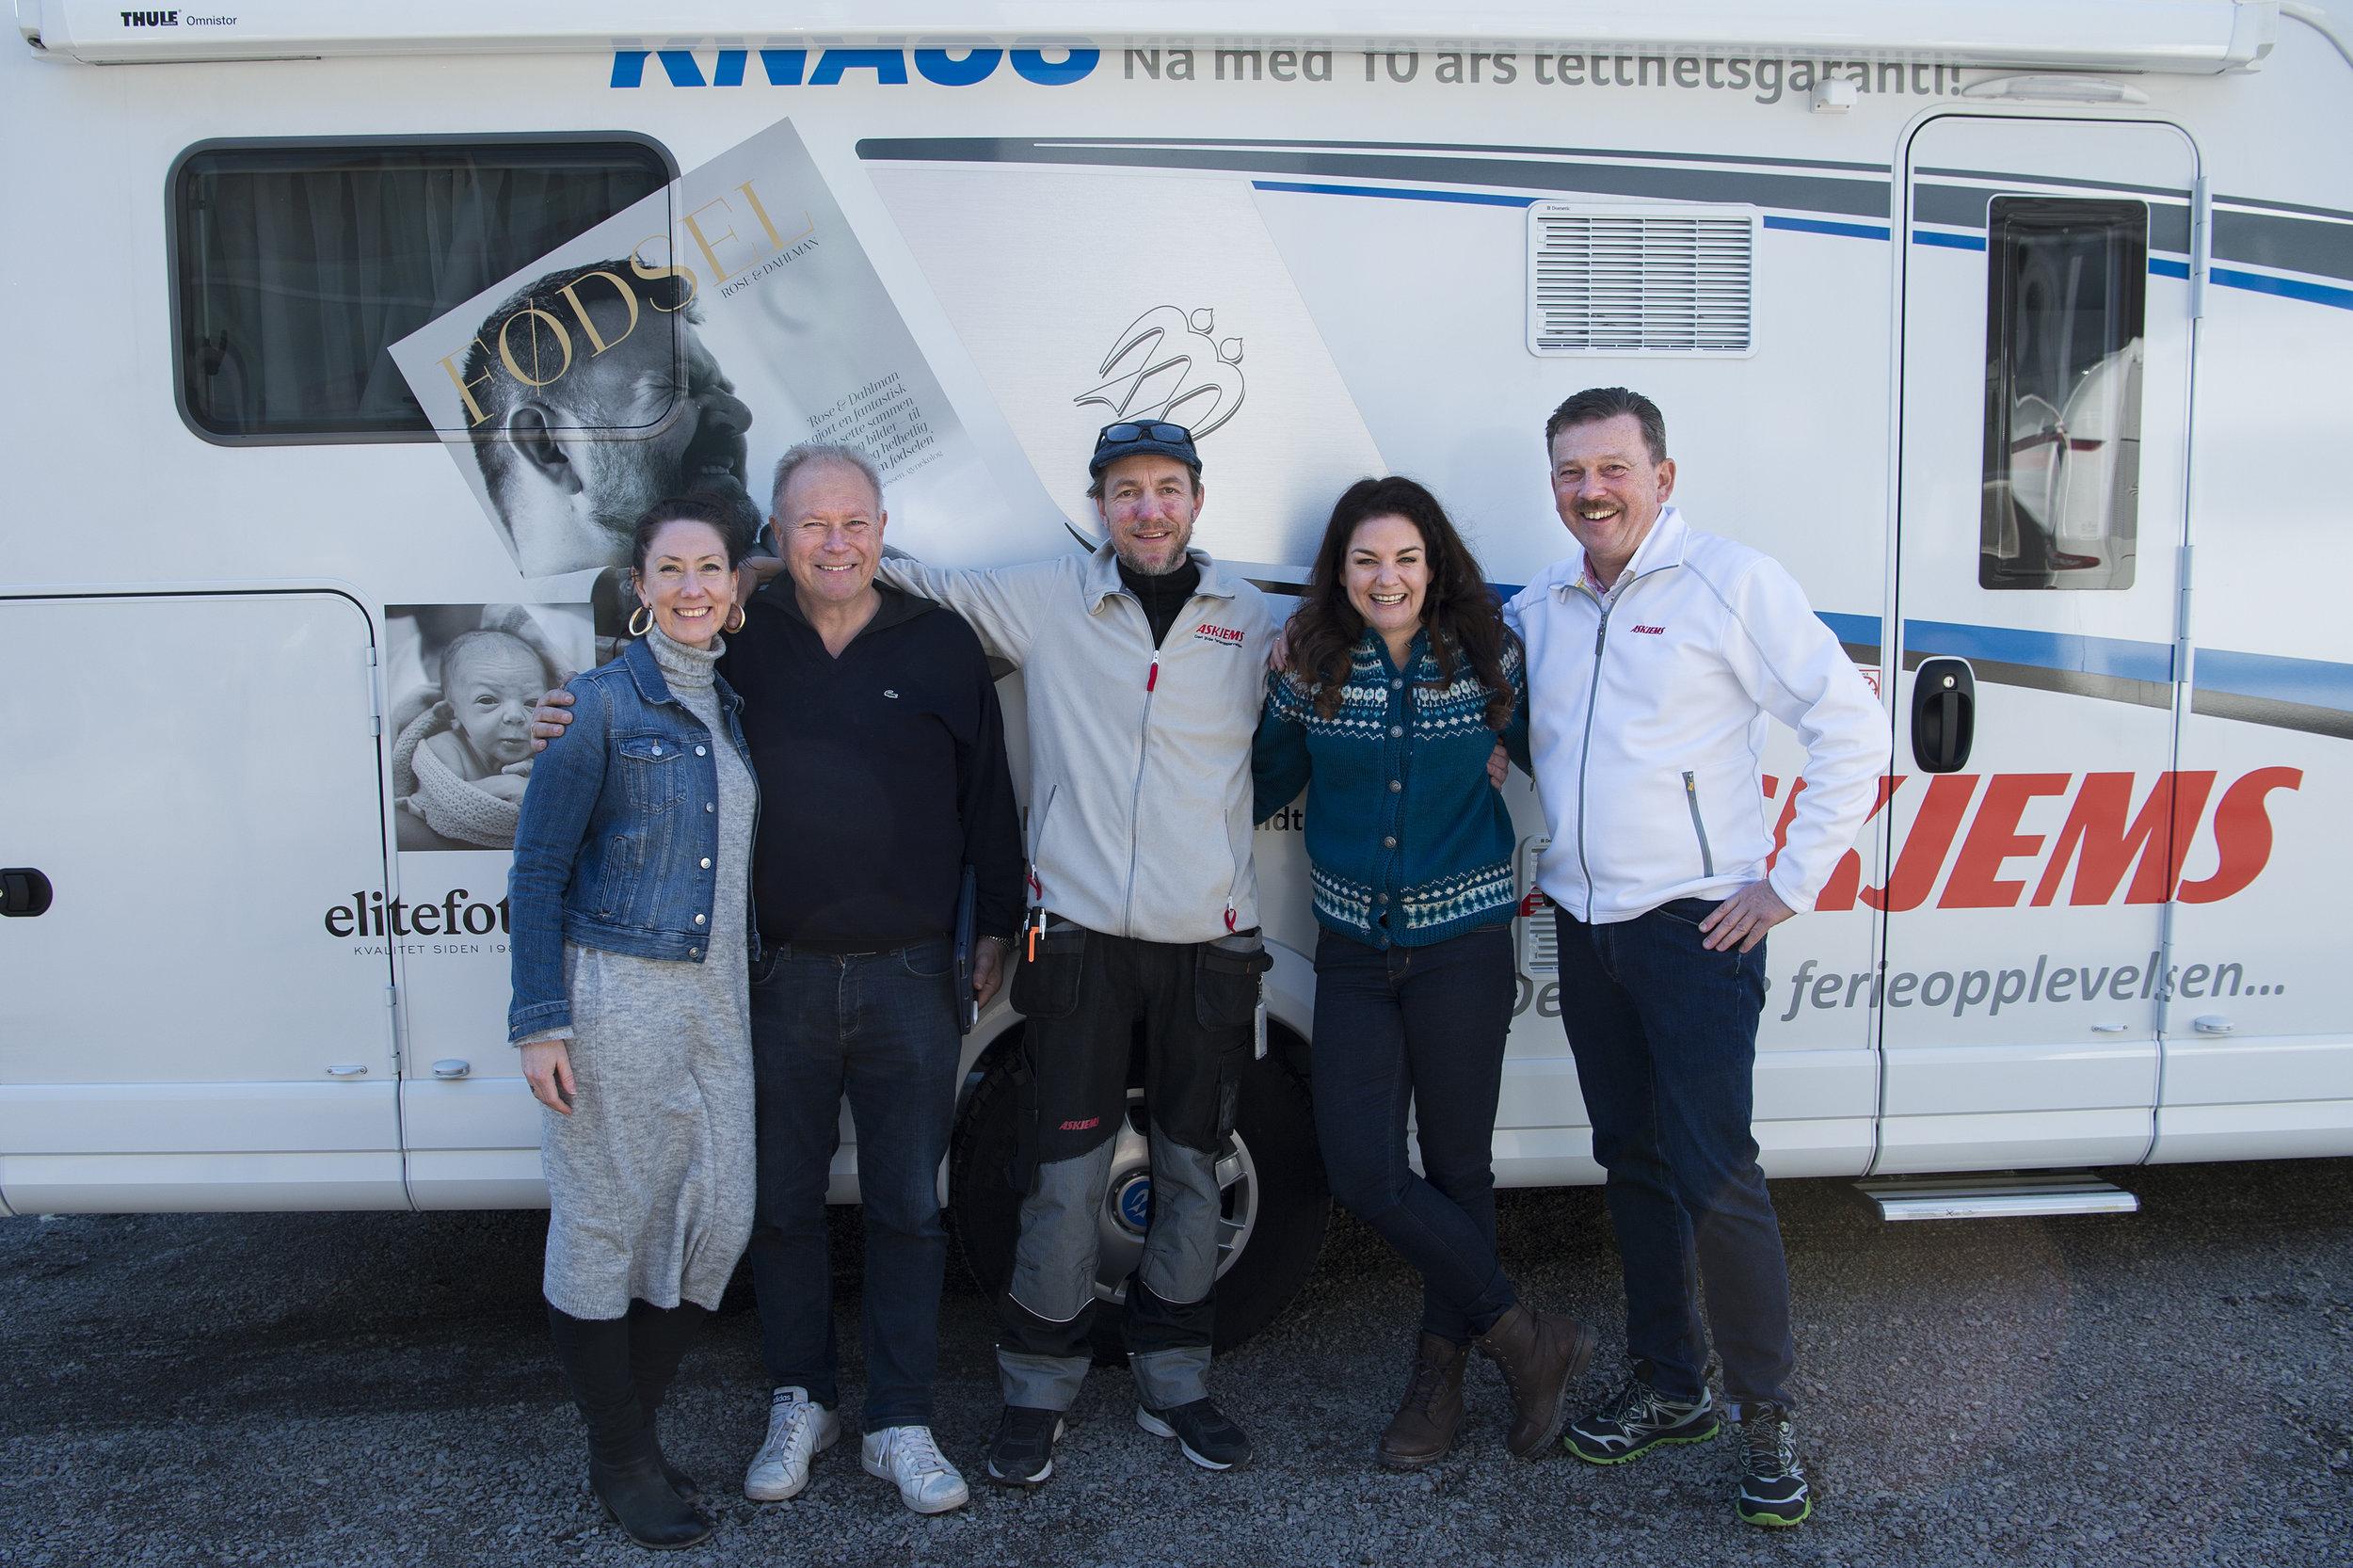 """Team """"Fødebilen"""", team Knaus og team Askjems. Foto: Sara Rose."""